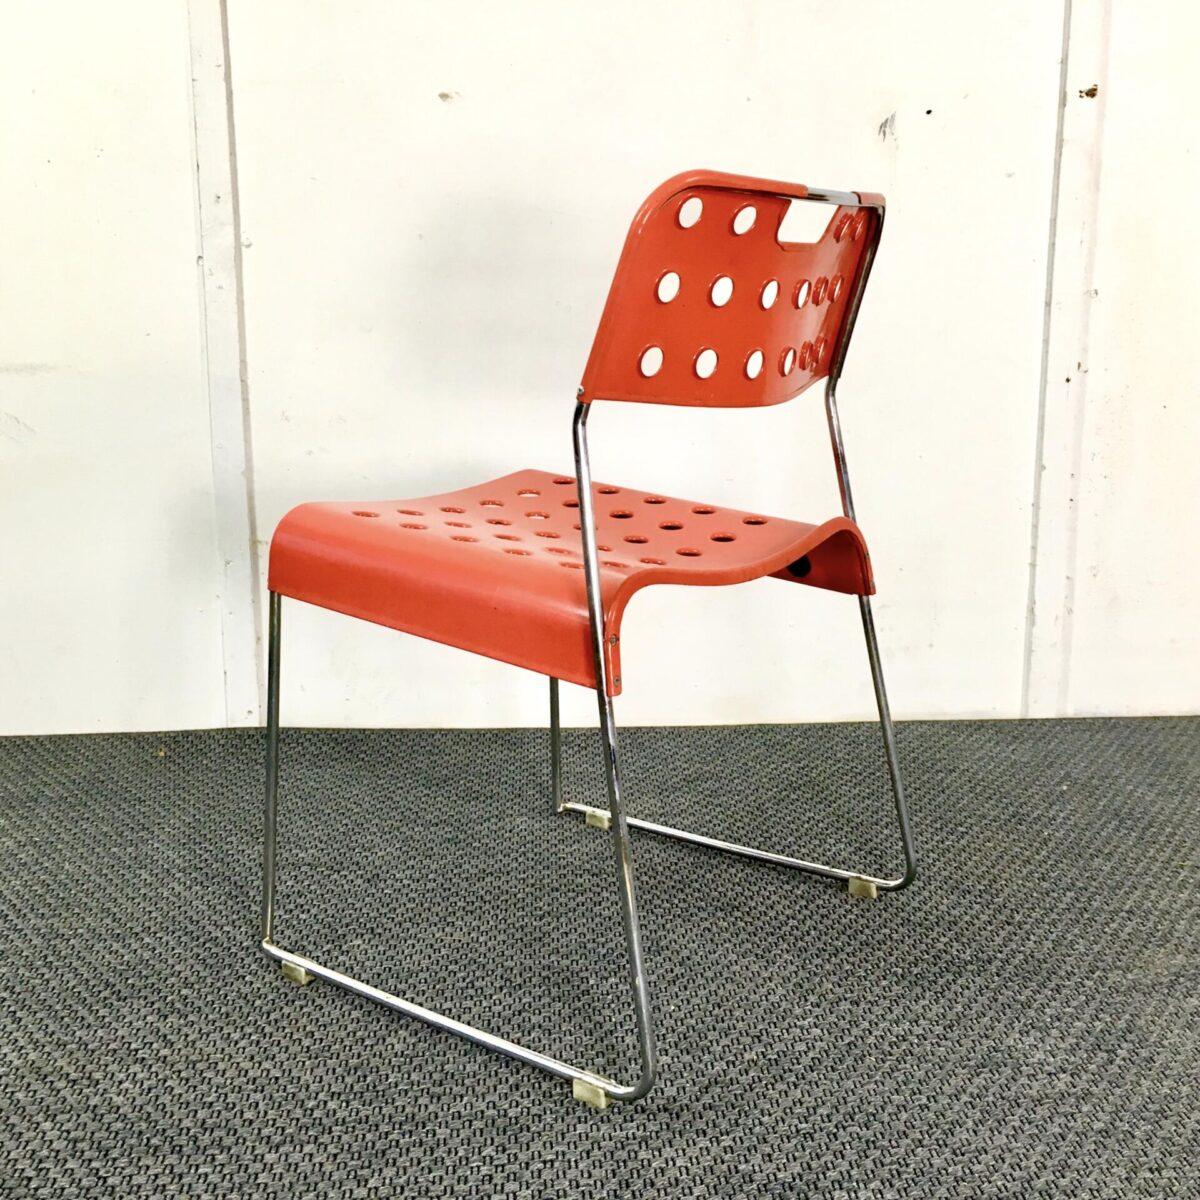 Einzelner Metall gartenstuhl von rodney kinsman für biffeplast. Midcentury Stuhl Metall gestell verchromt lehne und Sitz Metall rot lackiert.